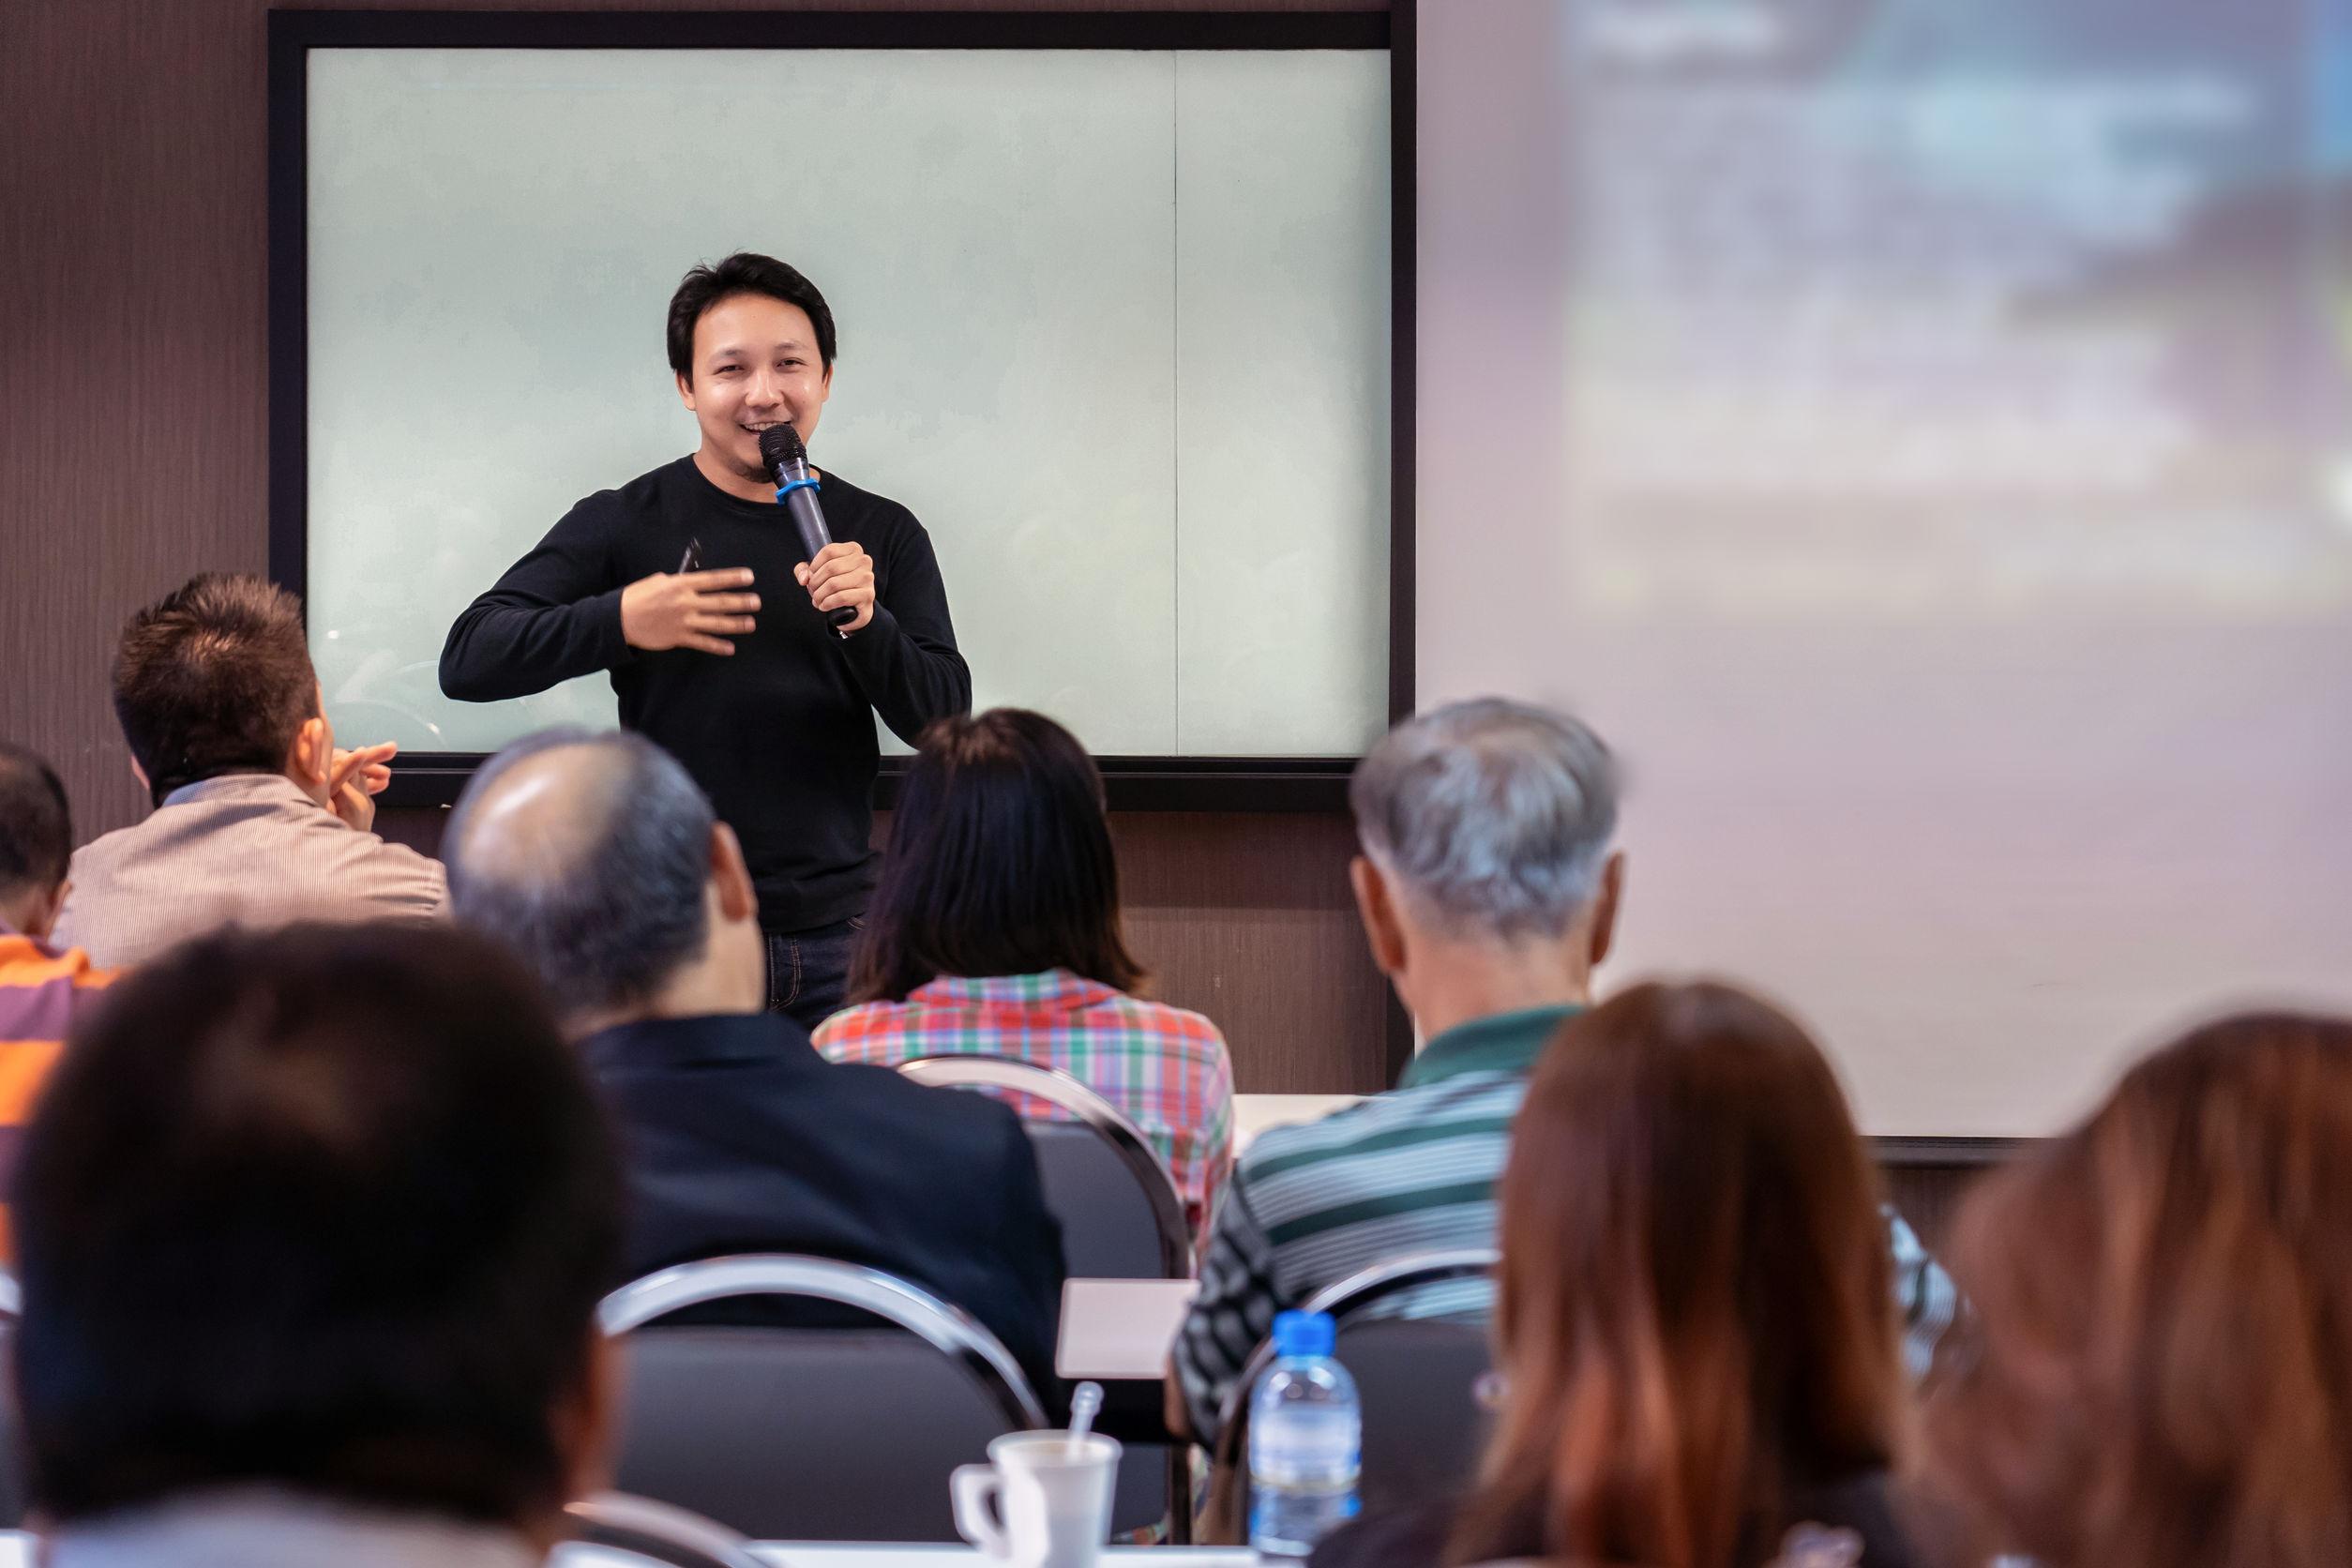 Palestrante asiático sorrindo e discursando na frente de uma sala com vários alunos que estão de costas